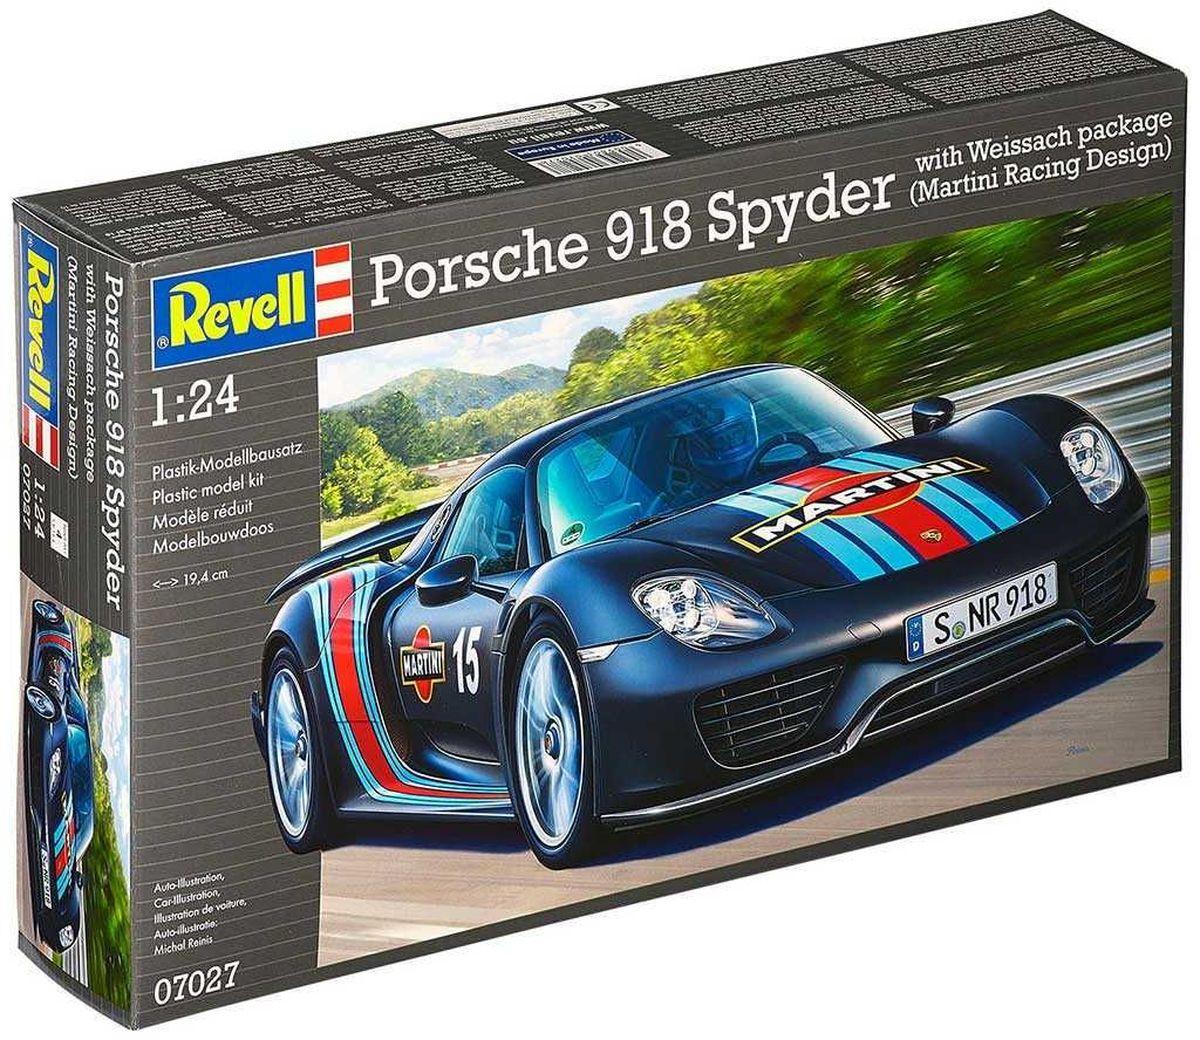 Revell Сборная модель Автомобиль Porsche 918 Spyder Martini Racing Design07027RС помощью сборной модели Revell Автомобиль Porsche 918 Spyder Martini Racing Design вы и ваш ребенок сможете собрать уменьшенную копию одноименного автомобиля. Набор включает в себя 136 пластиковых элементов для сборки. Компания Revell предлагает любителям быстрой езды спортивную модель автомобиля Porsche 918 Spyder. Это яркая и красивая машина, мимо которой нельзя просто пройти! Модель поражает своей реалистичностью и огромным сходством с оригиналом. Подвеска, электродвигатель и салон точь в точь напоминают своего большого родственника. Процесс сборки развивает интеллектуальные и инструментальные способности, воображение и конструктивное мышление, а также прививает практические навыки работы со схемами и чертежами. Уровень сложности: 4. УВАЖАЕМЫЕ КЛИЕНТЫ! Обращаем ваше внимание на тот факт, что элементы для сборки не покрашены. Клей и краски в комплект не входят.